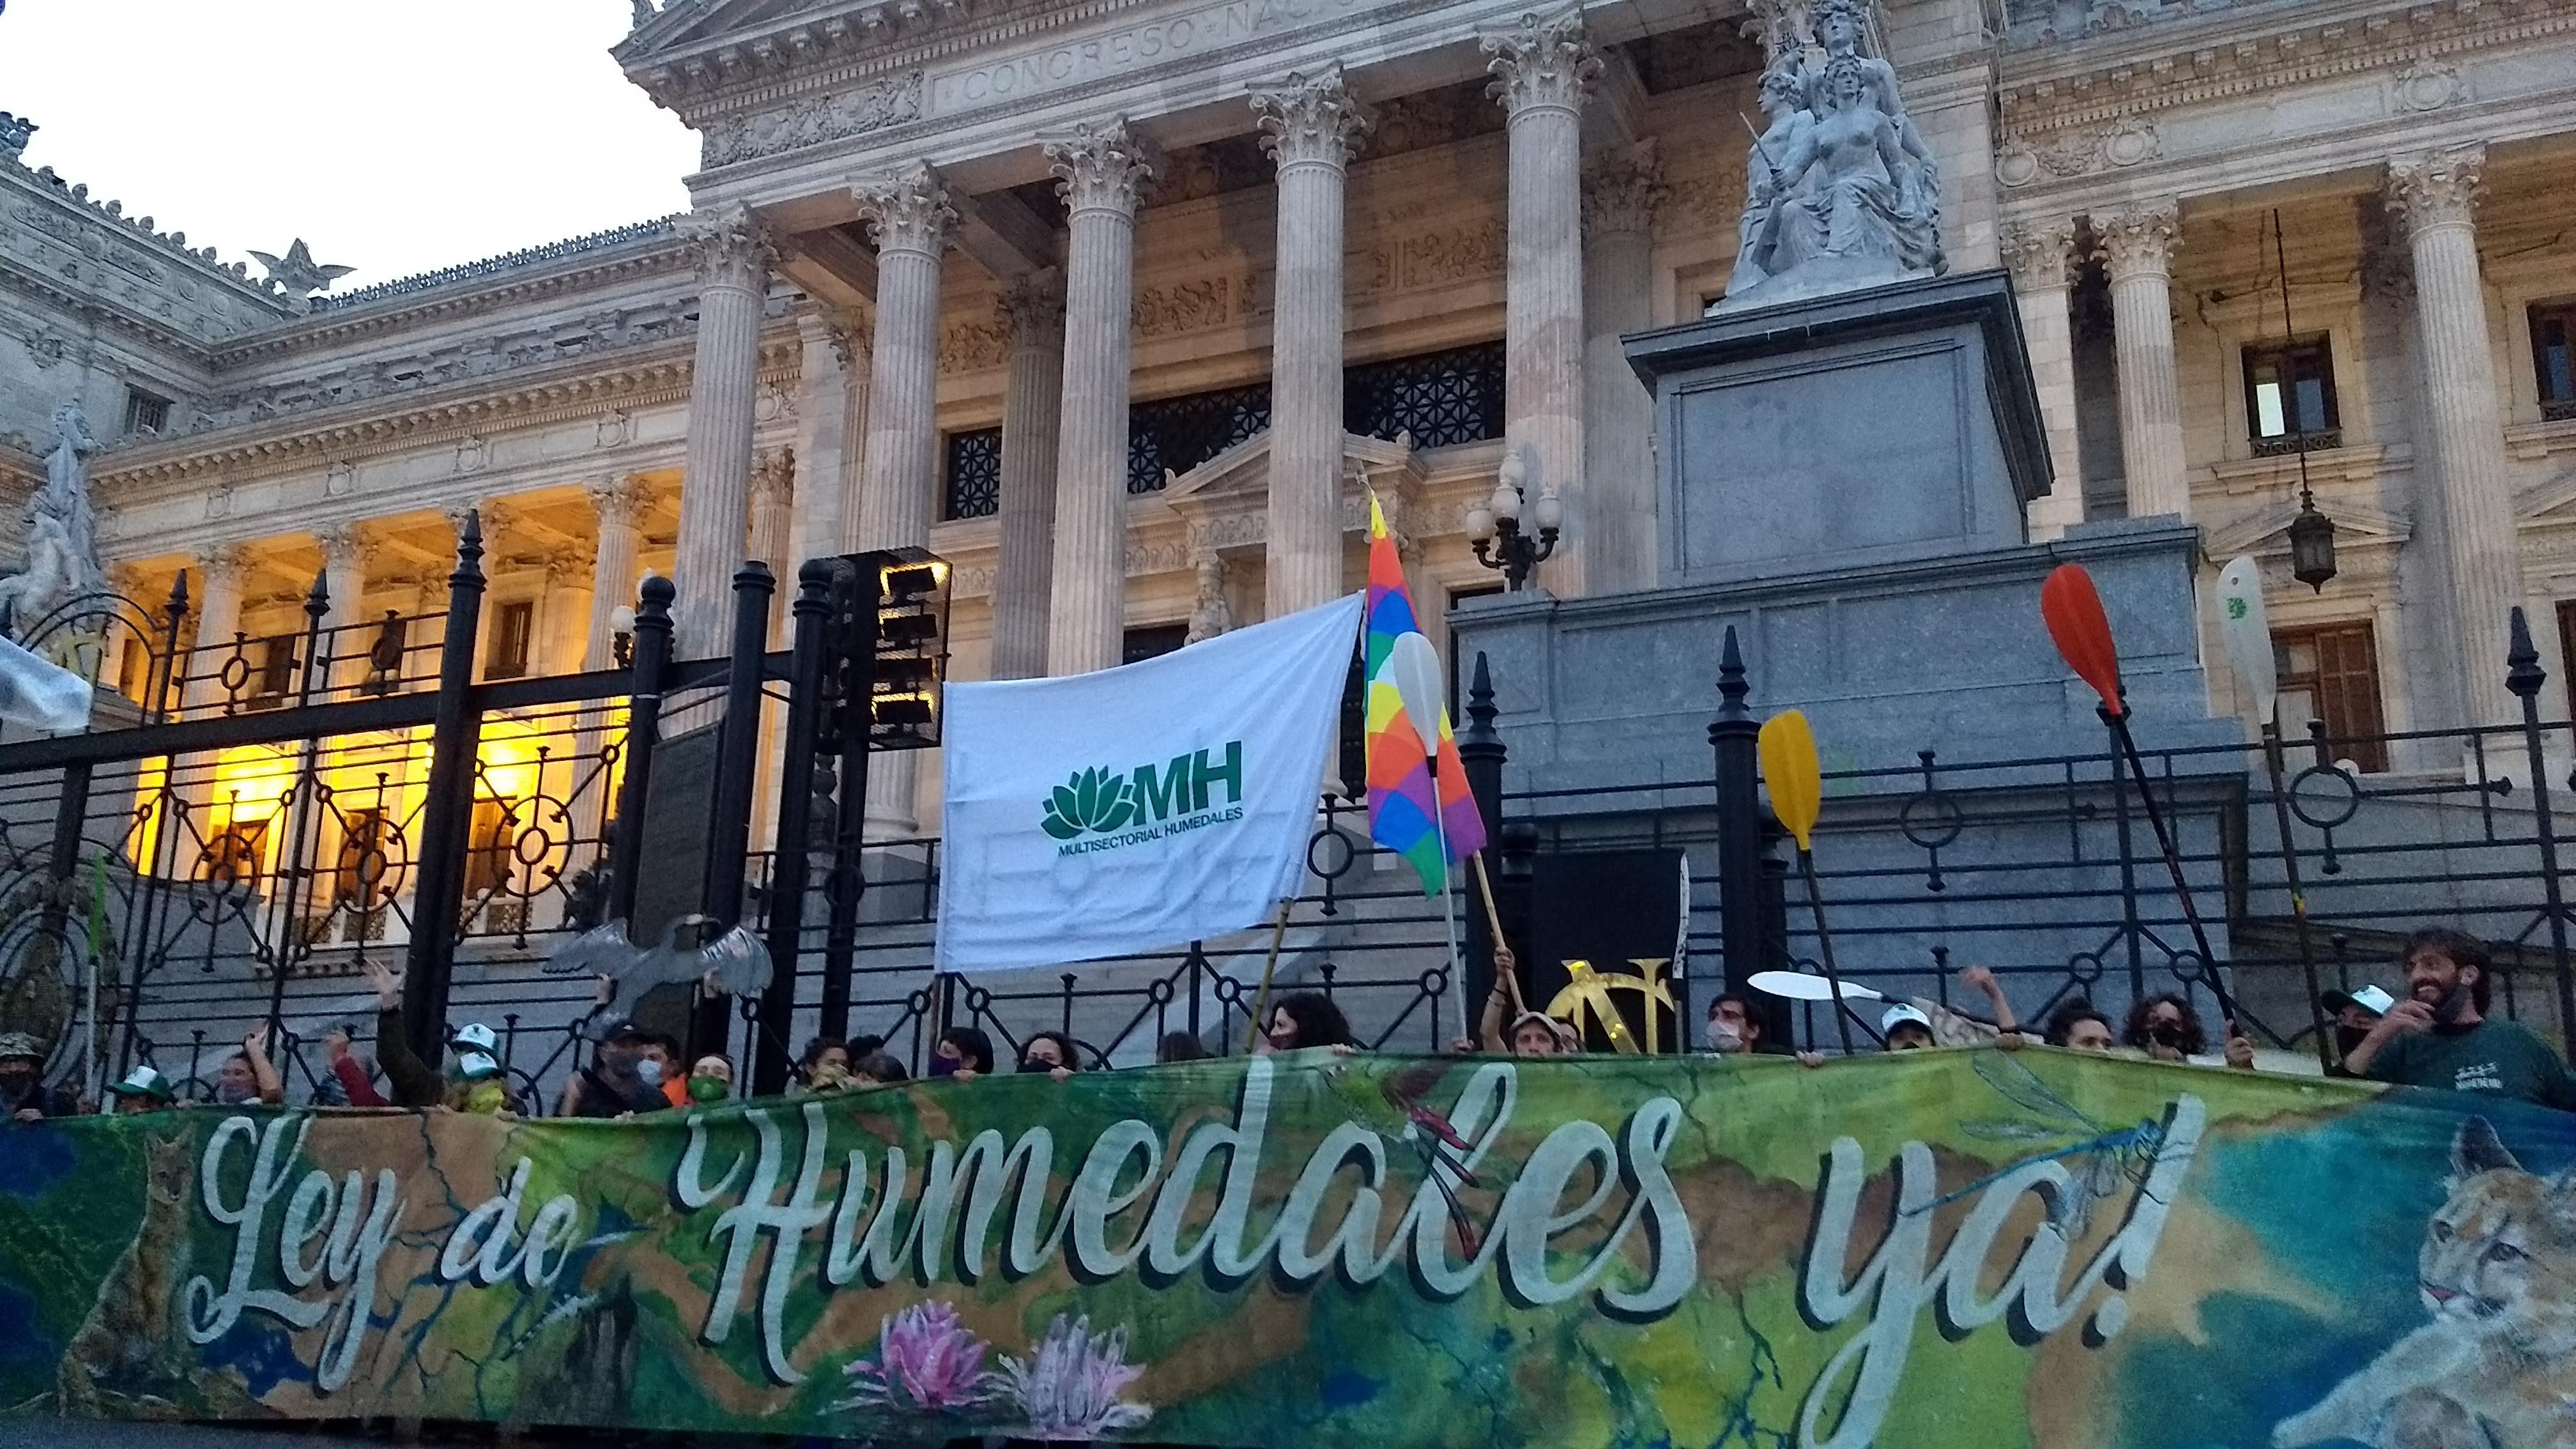 Ley de Humedales: Histórica caravana fluvial y masiva marcha al Congreso